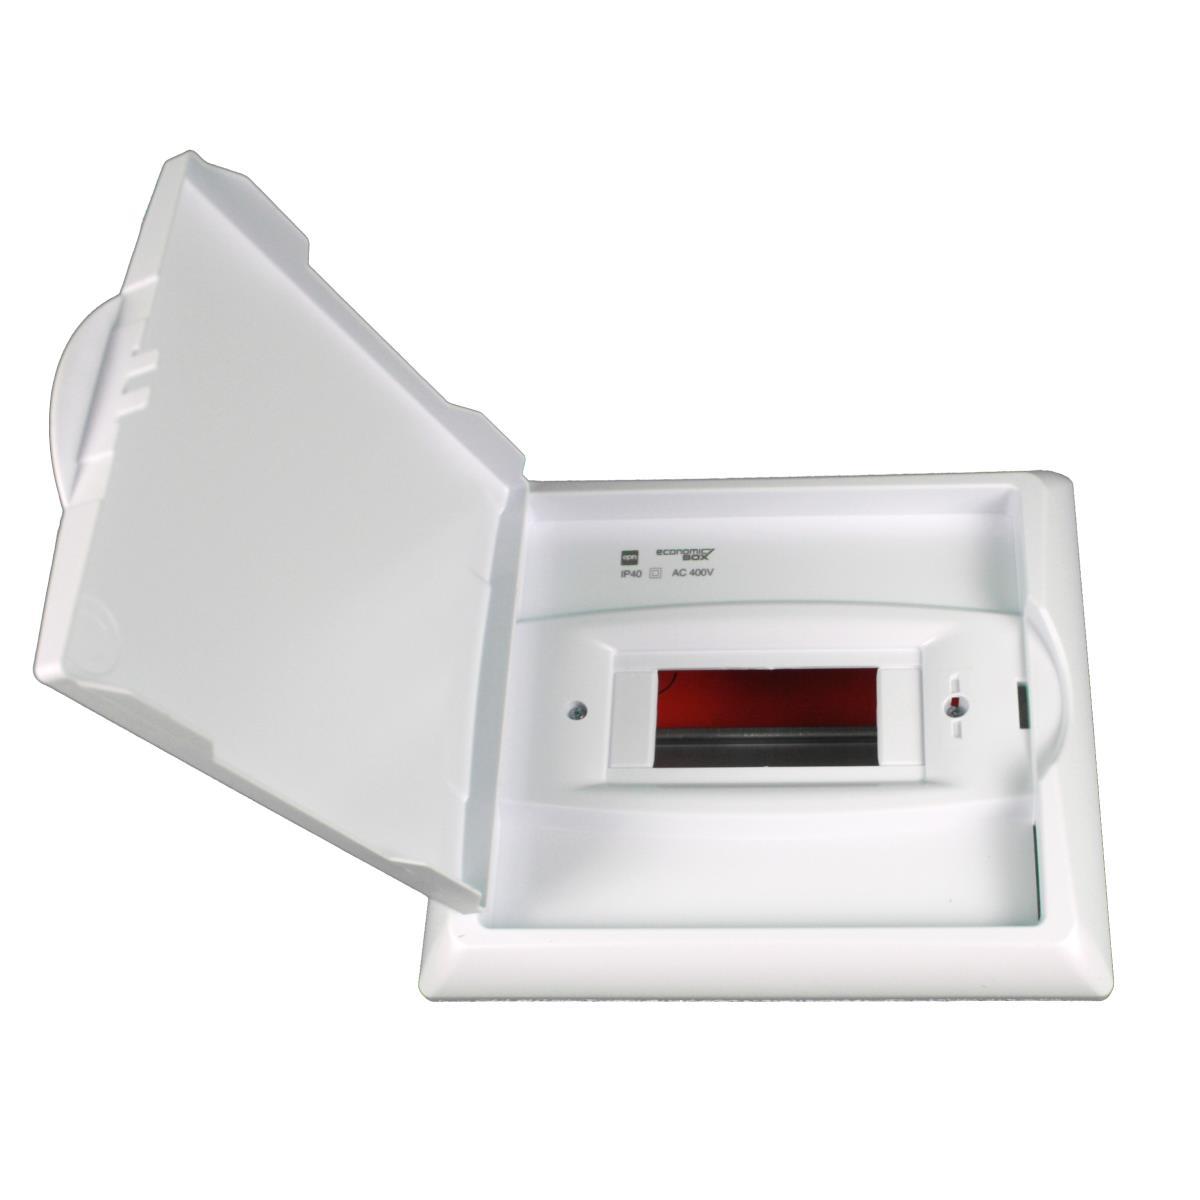 Sicherungskasten Verteilerkasten Unterputzverteiler 6 Module Unterputz IP40,Elektro-Plast,2511-00, 5902431690216